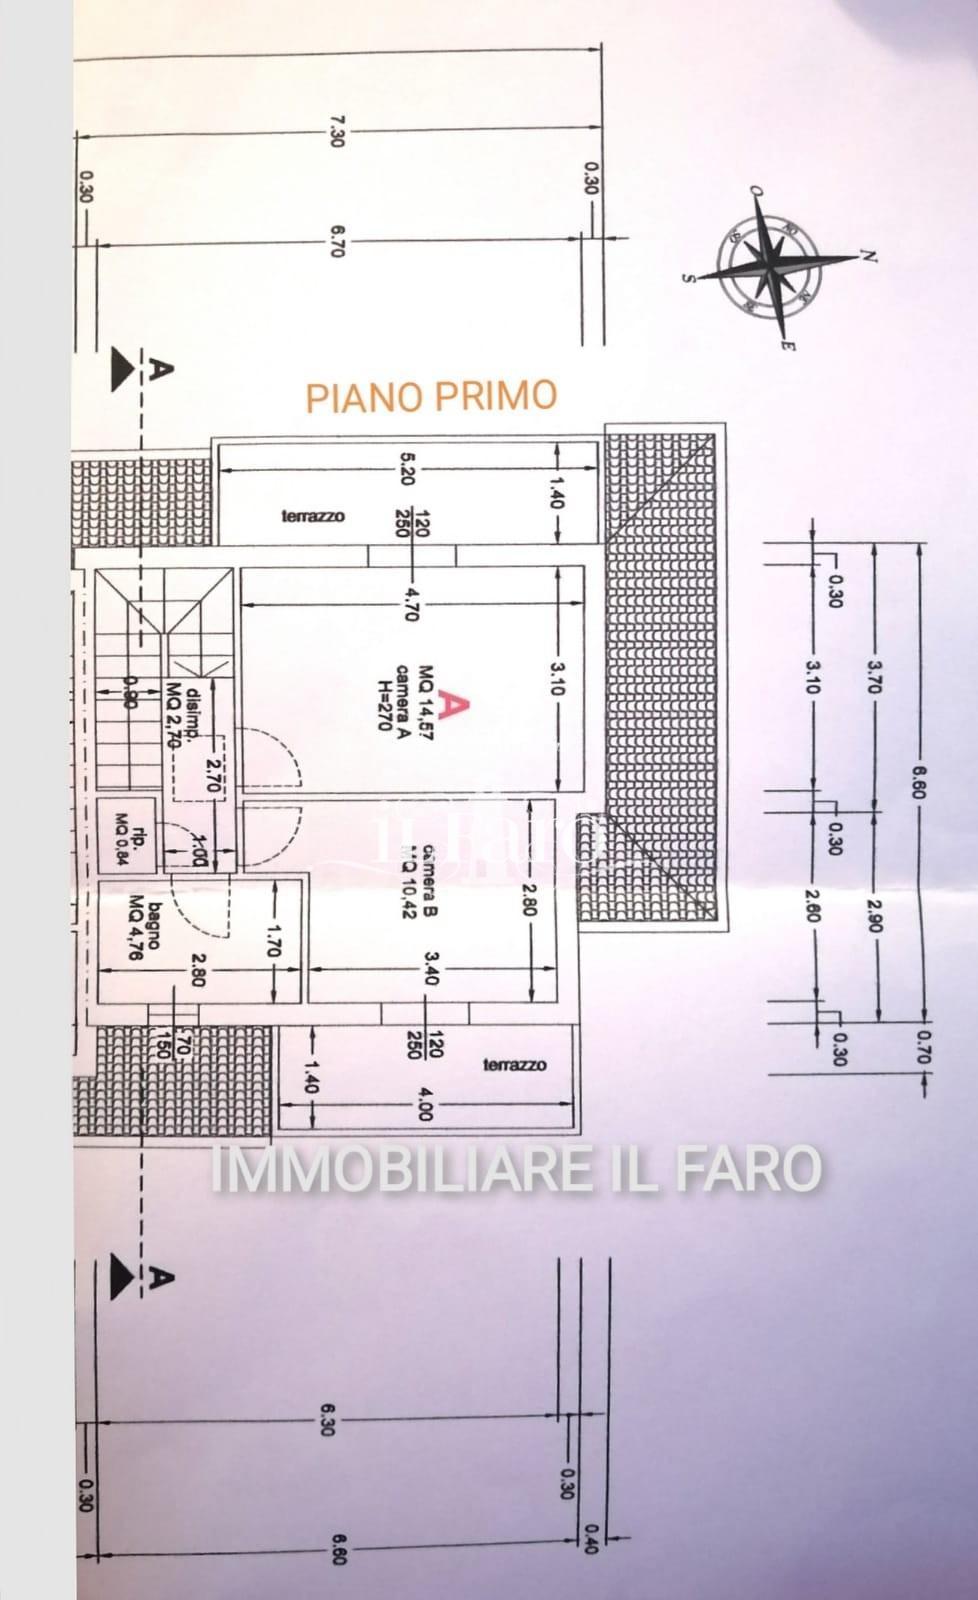 Villetta a schiera angolare in vendita, rif. P4170